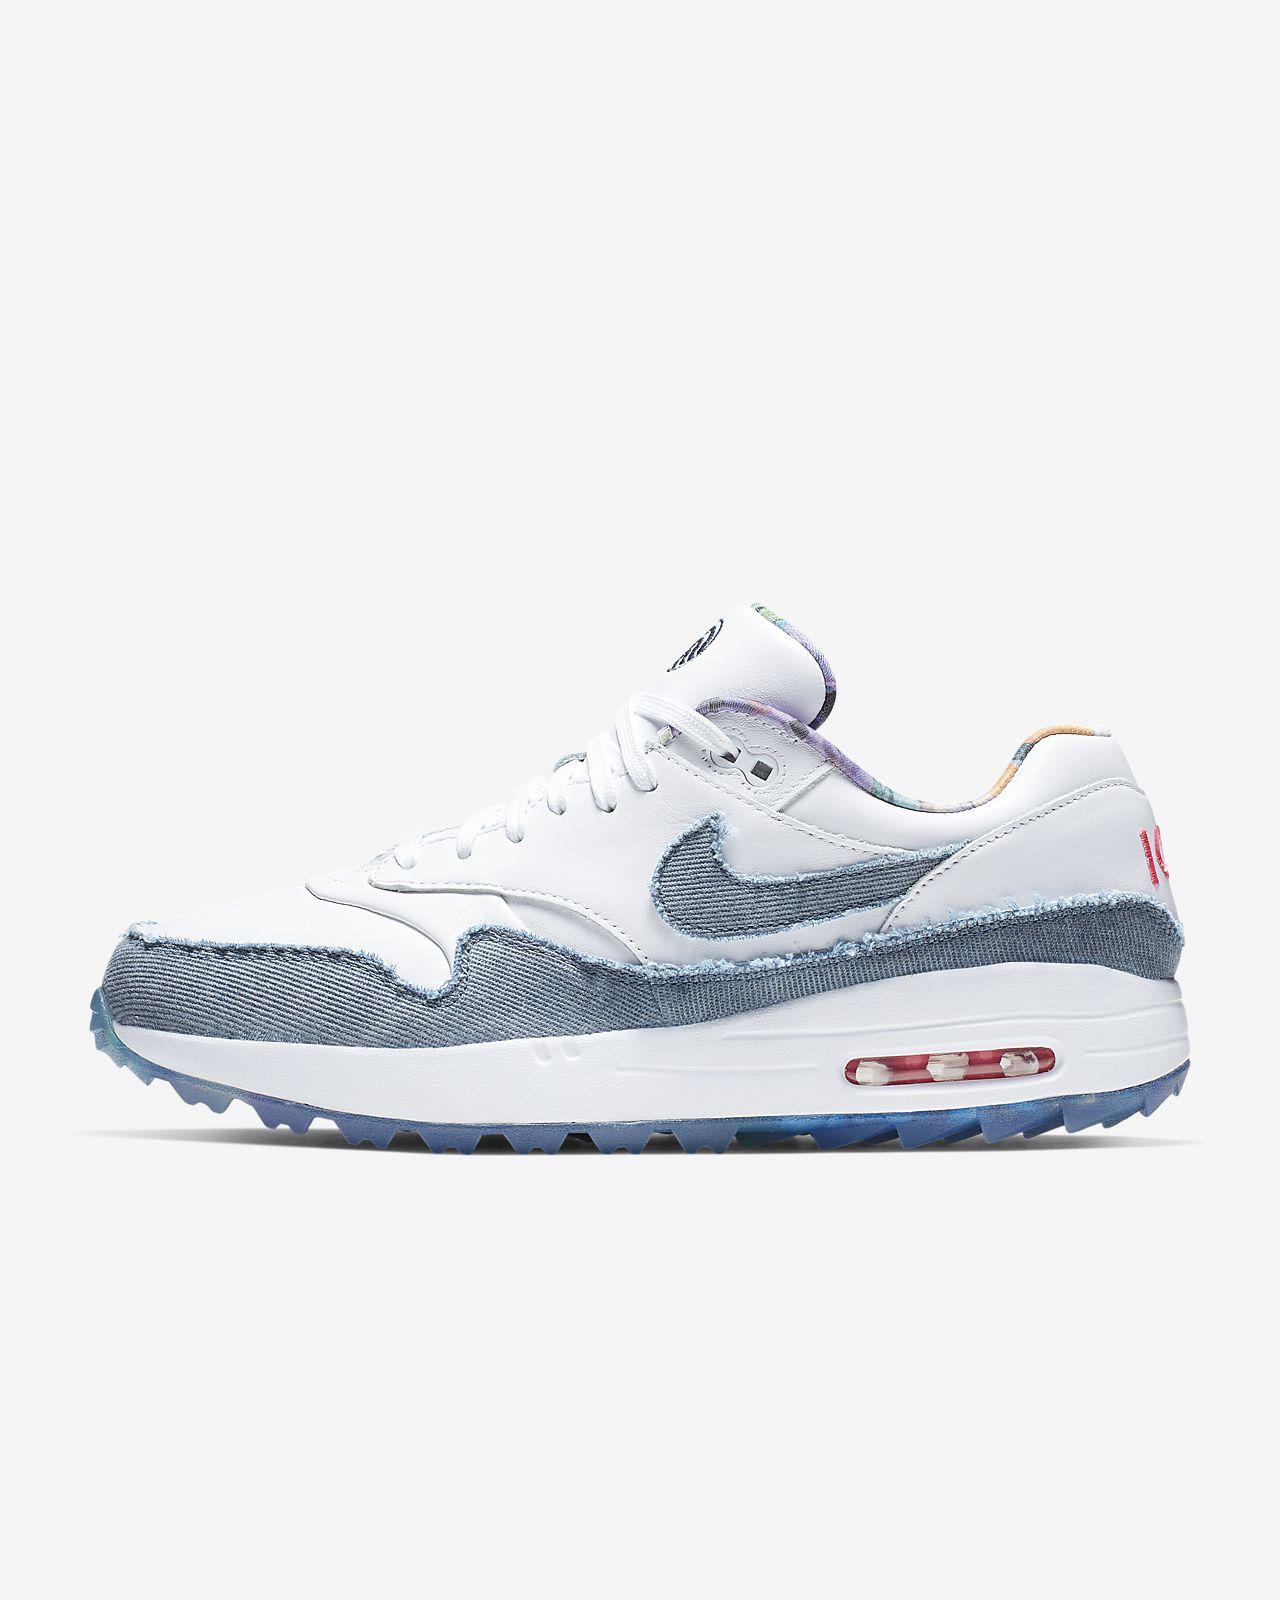 new style a9d23 d57ad Nike Air Max 1G NRG Men's Golf Shoe. Nike.com GB